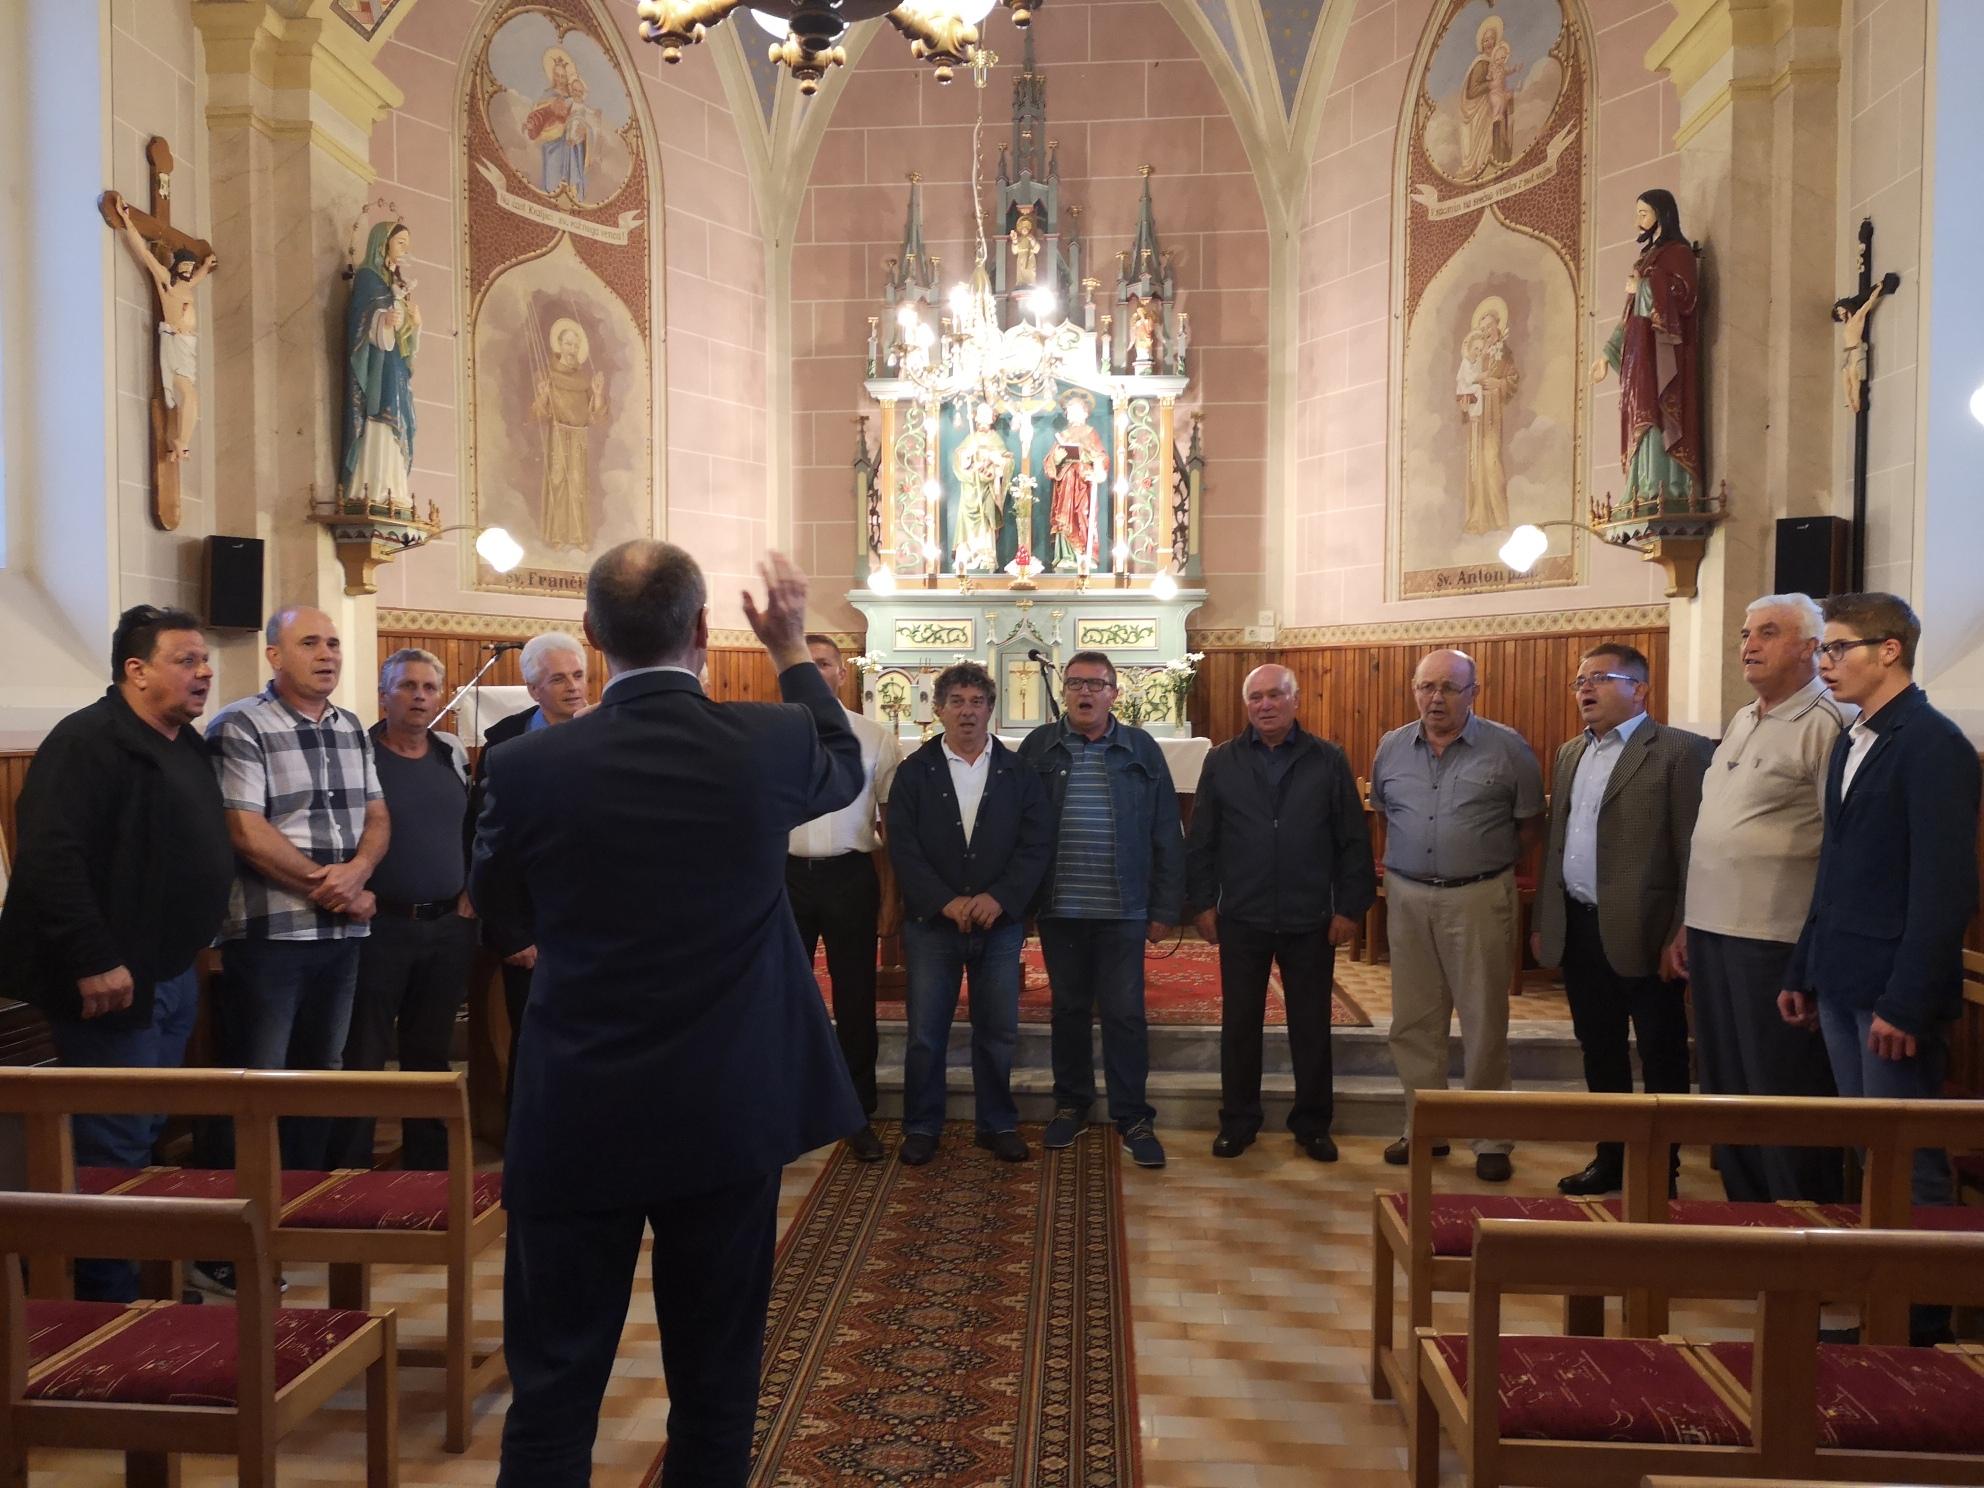 MoPZ Lipovci v kapeli Sv. Petra in Pavla v Lipovcih